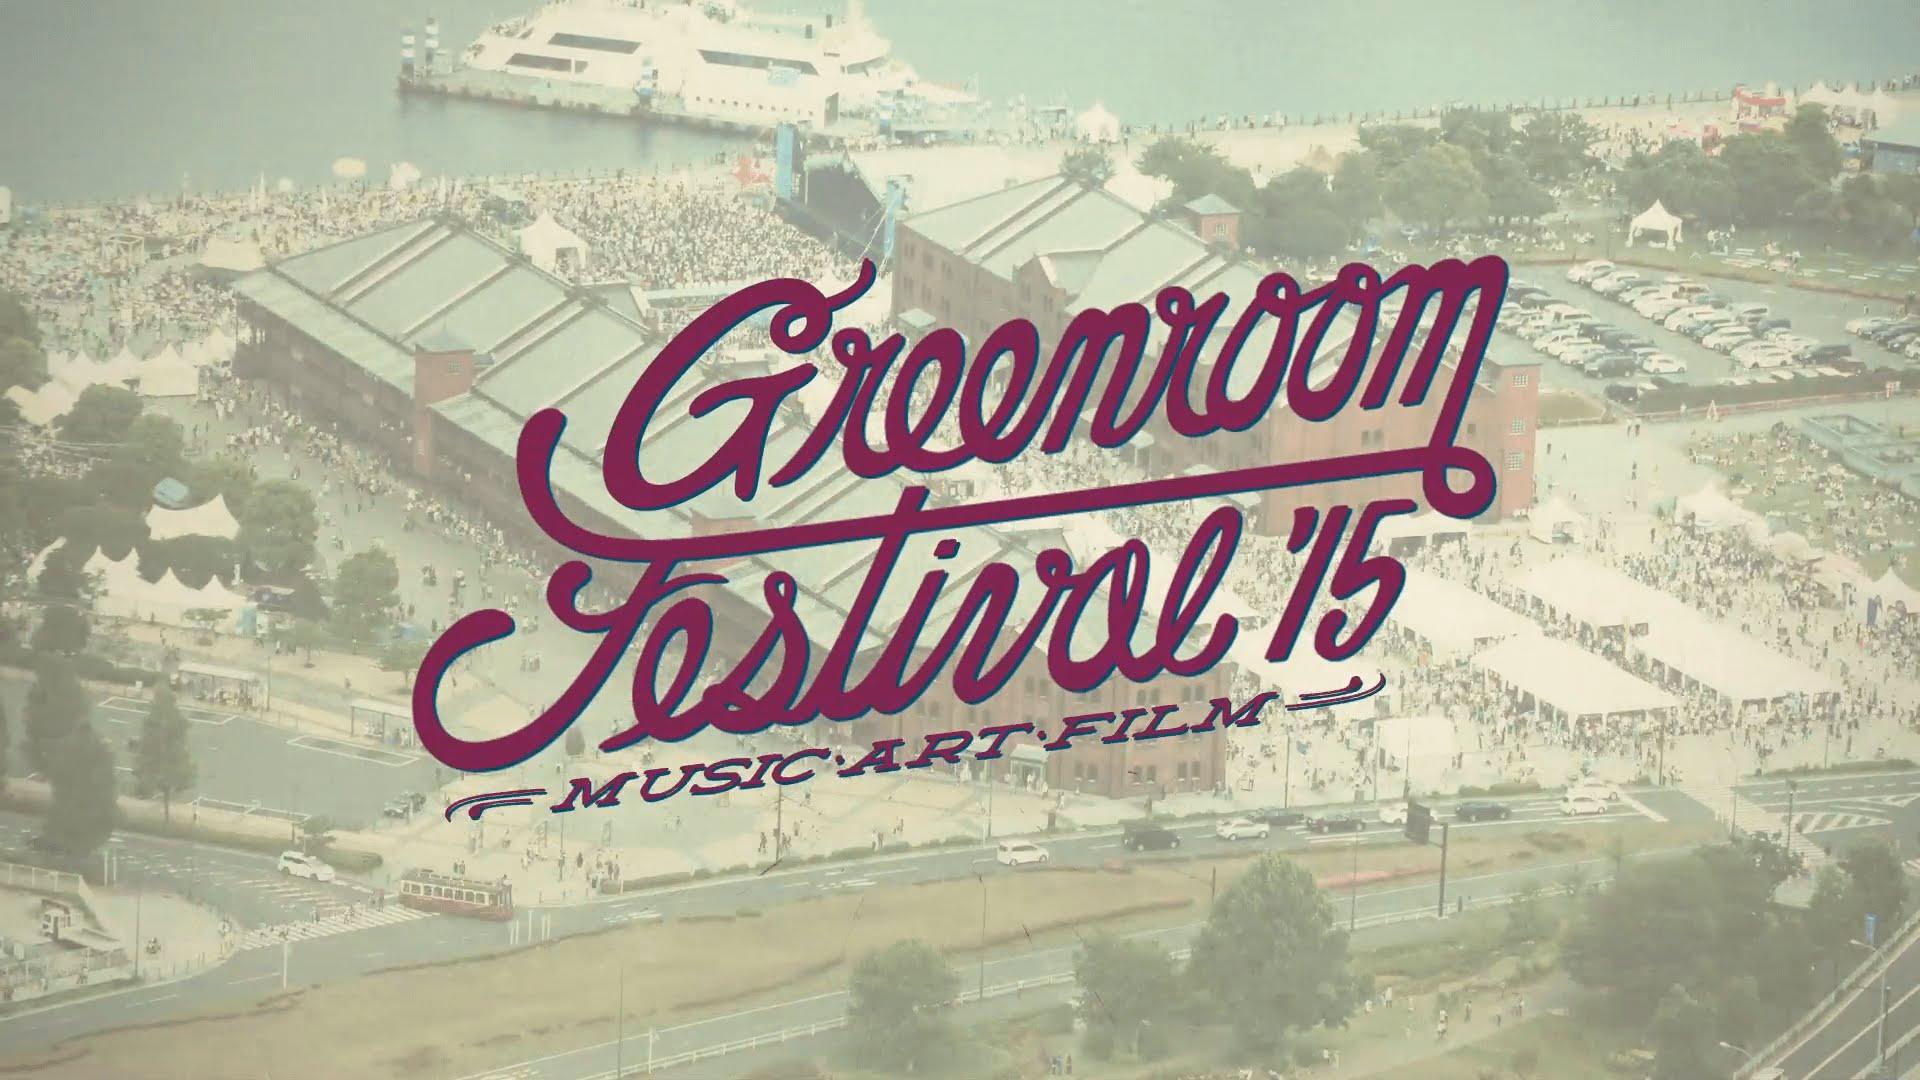 GREENROOM FESTIVAL'15